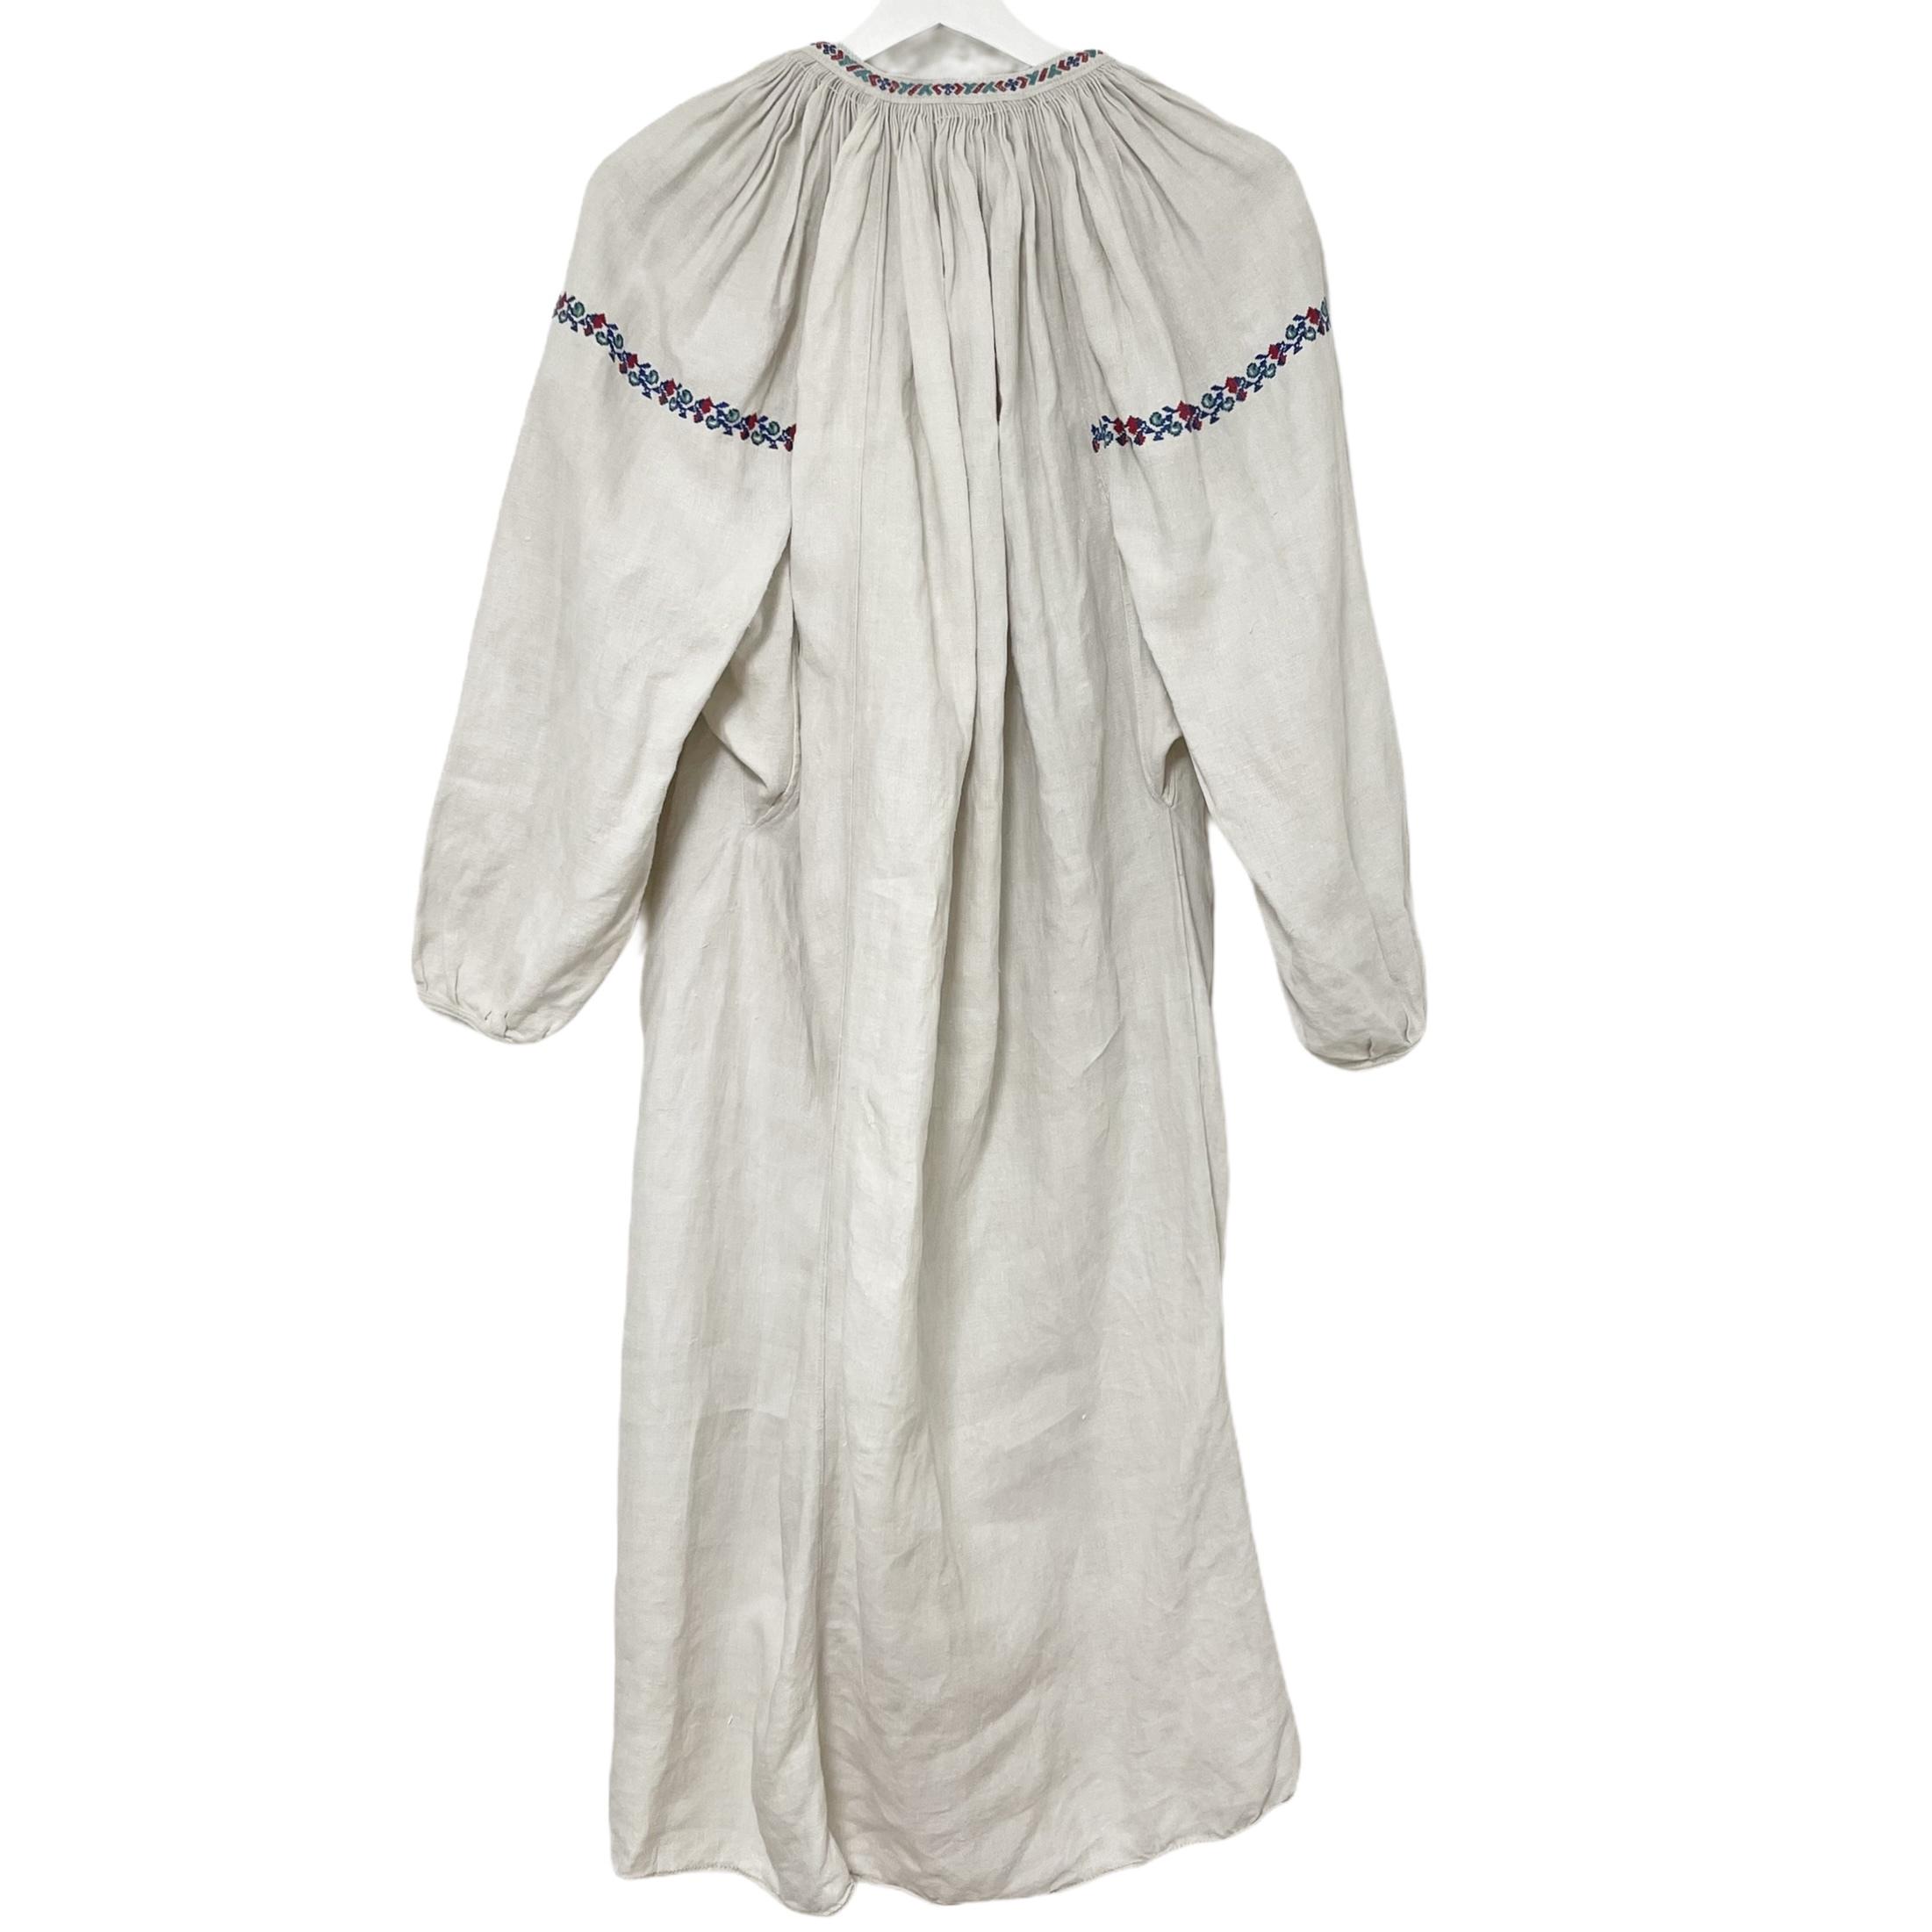 7 Ukrainian Embroidered Linen Dress